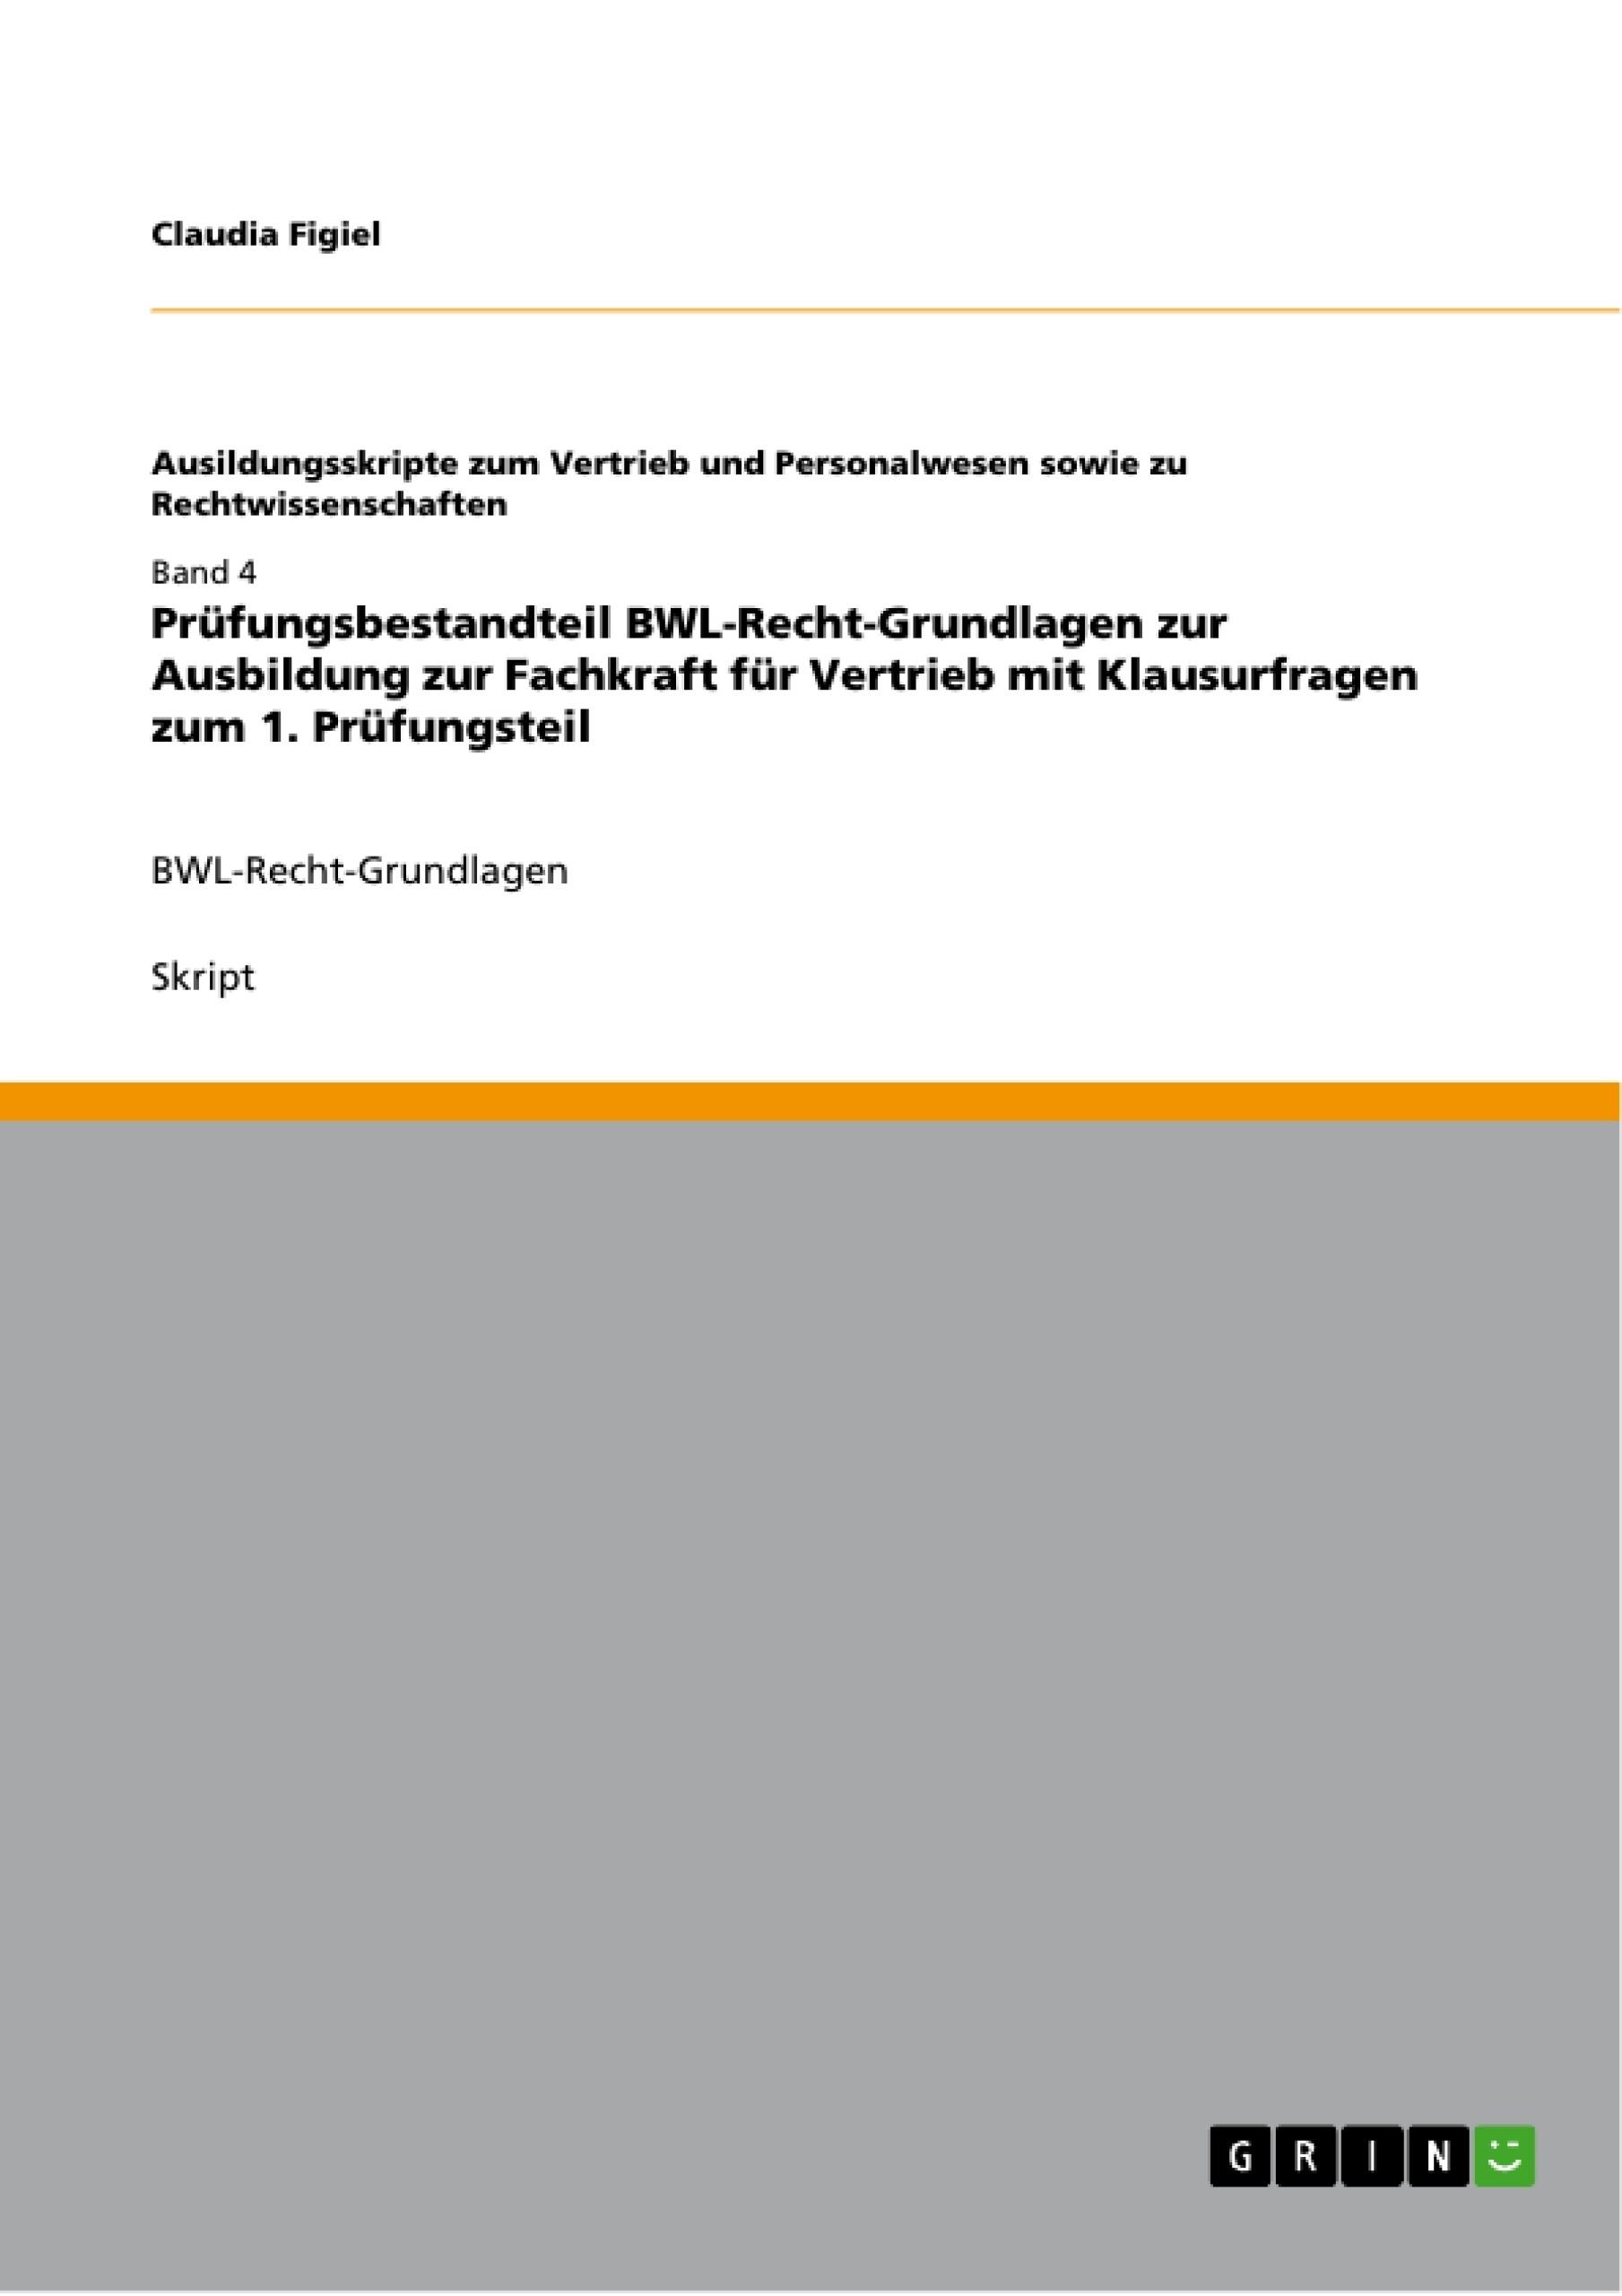 Titel: Prüfungsbestandteil BWL-Recht-Grundlagen zur Ausbildung zur Fachkraft für Vertrieb mit Klausurfragen zum 1. Prüfungsteil